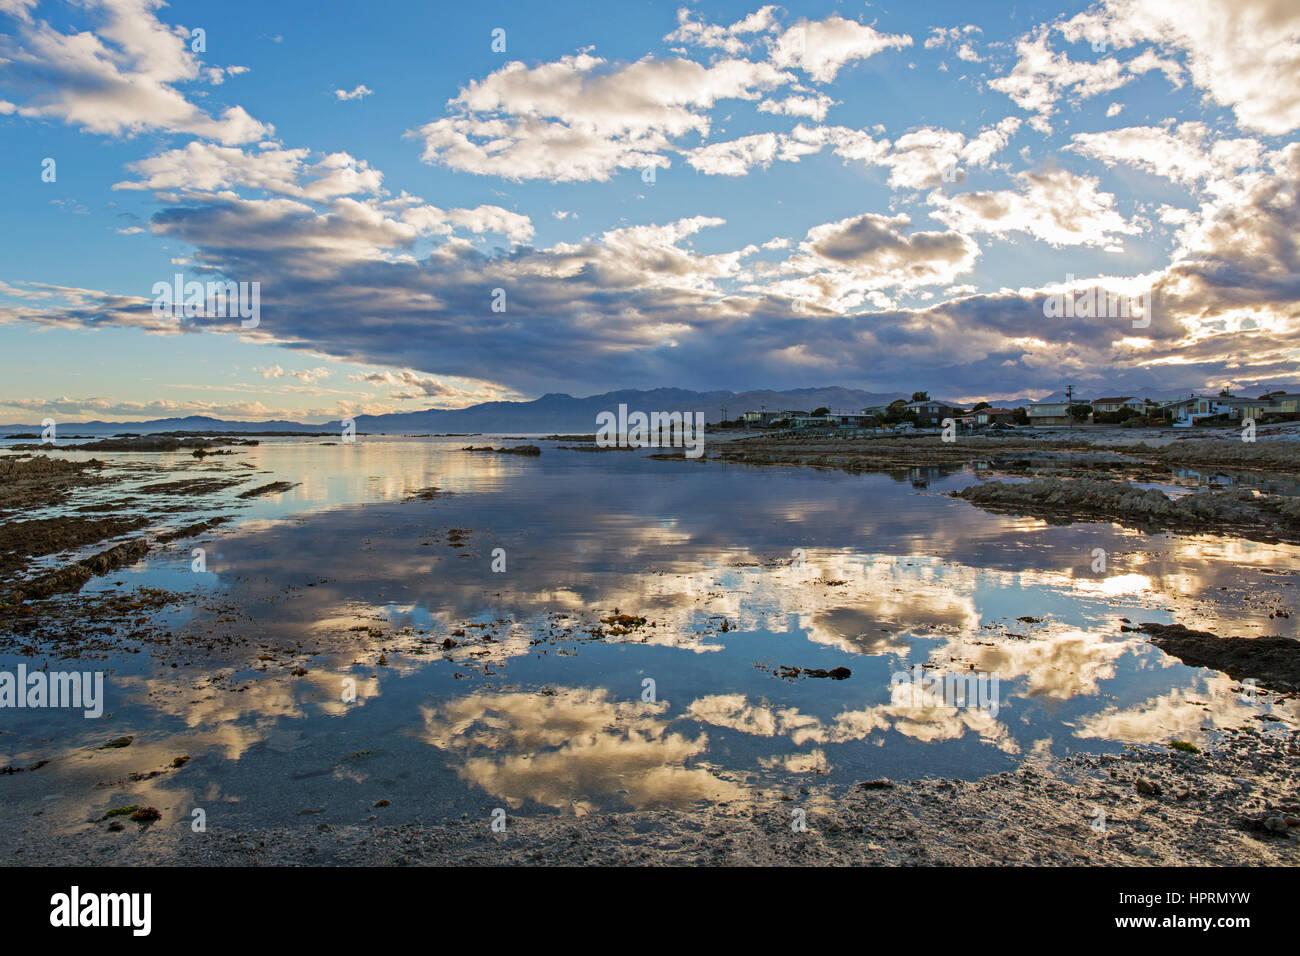 Kaikoura, Canterbury, Nuova Zelanda. Vista su tutta la baia del Sud a sera, cloud-riempito il cielo si riflette ancora in acqua. Foto Stock